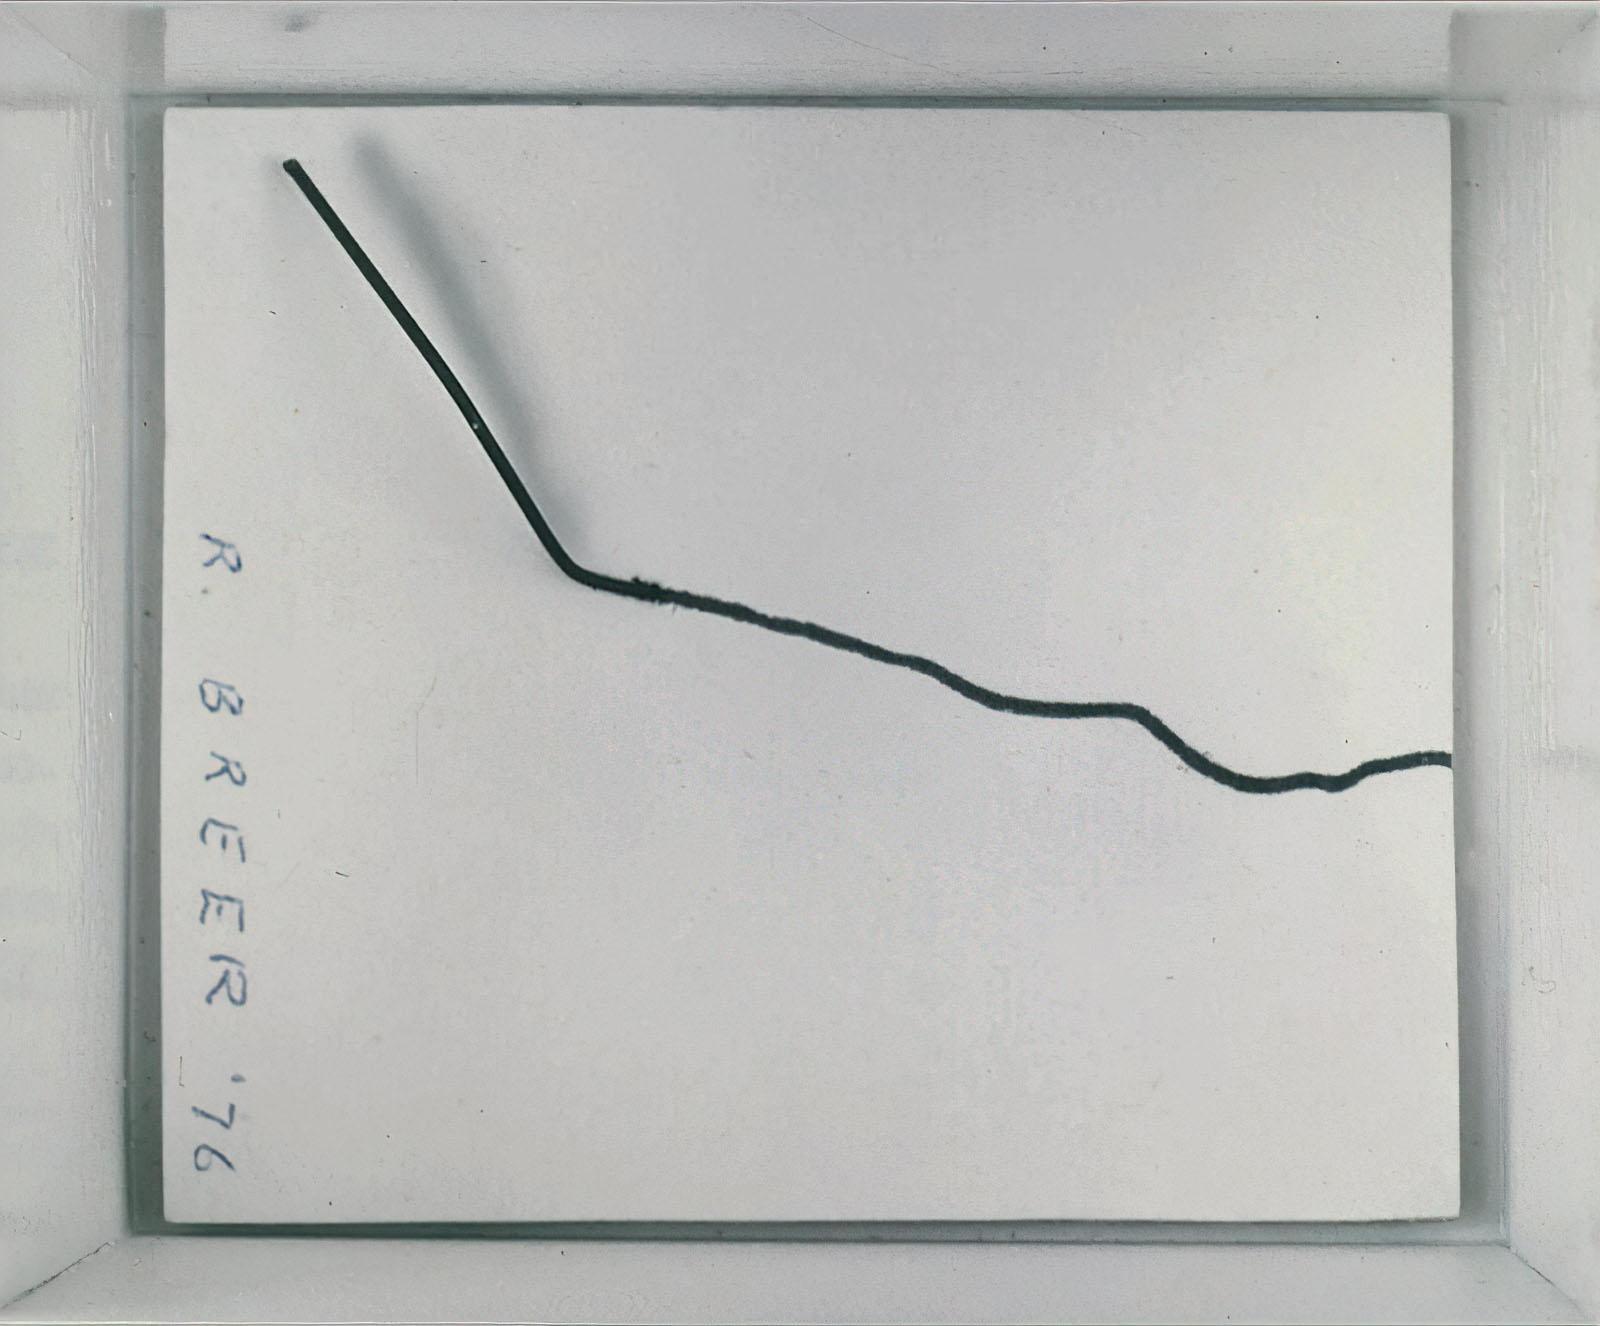 Robert Breer - Untitled